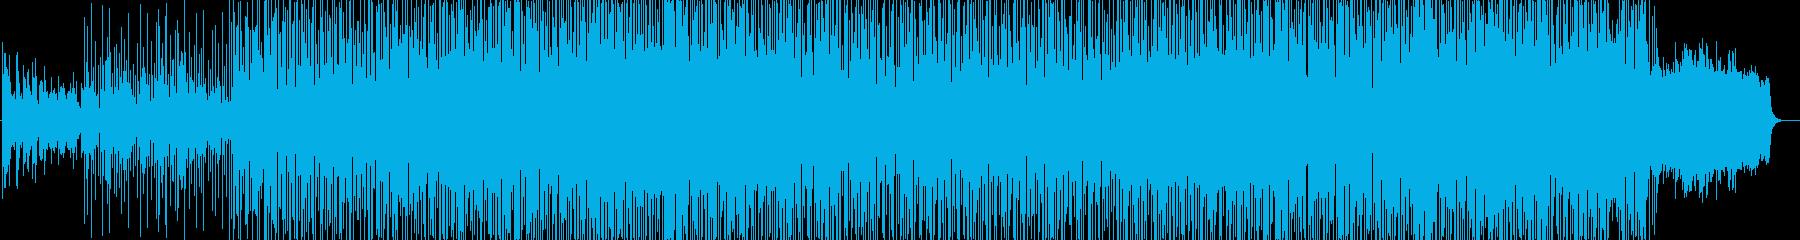 記念日動画に最適な軽やかなR&Bバラードの再生済みの波形